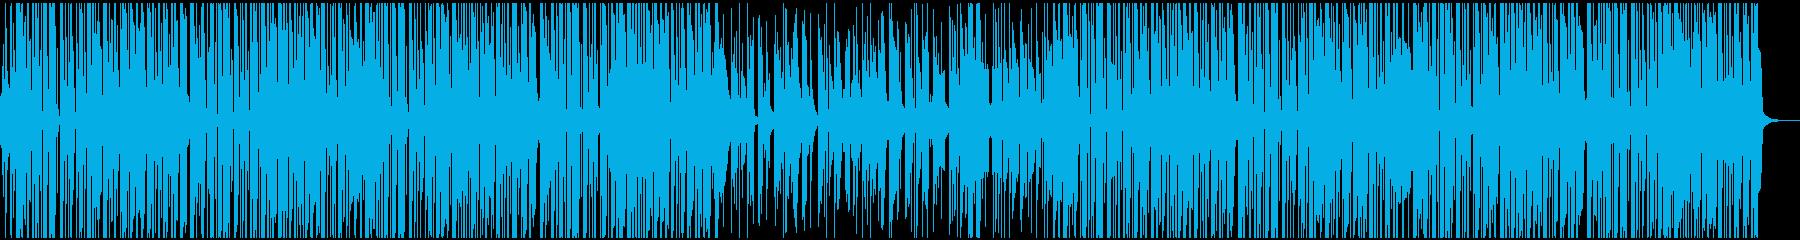 ファンキーな夏のヒップホップの再生済みの波形